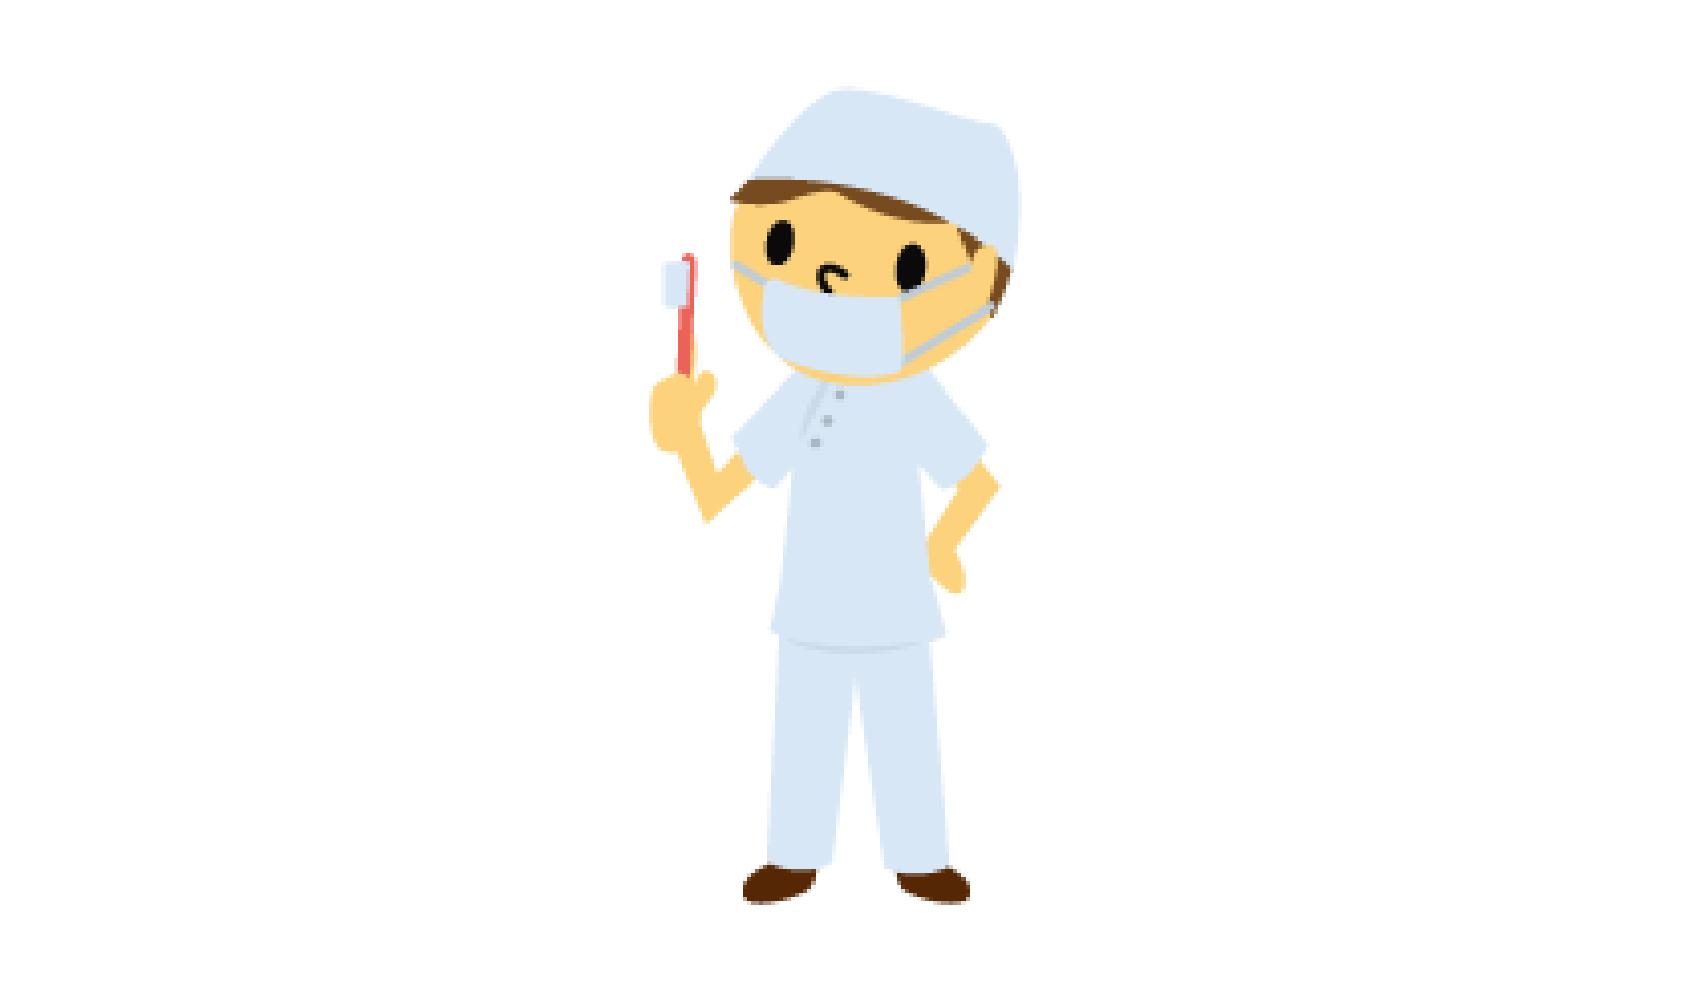 歯科衛生士・歯科技工士